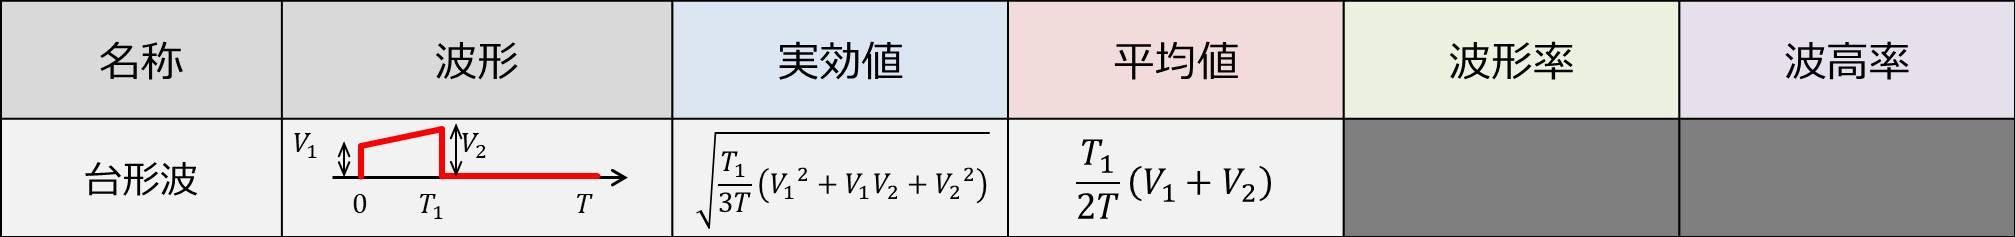 台形波の『実効値・平均値・波形率・波高率』